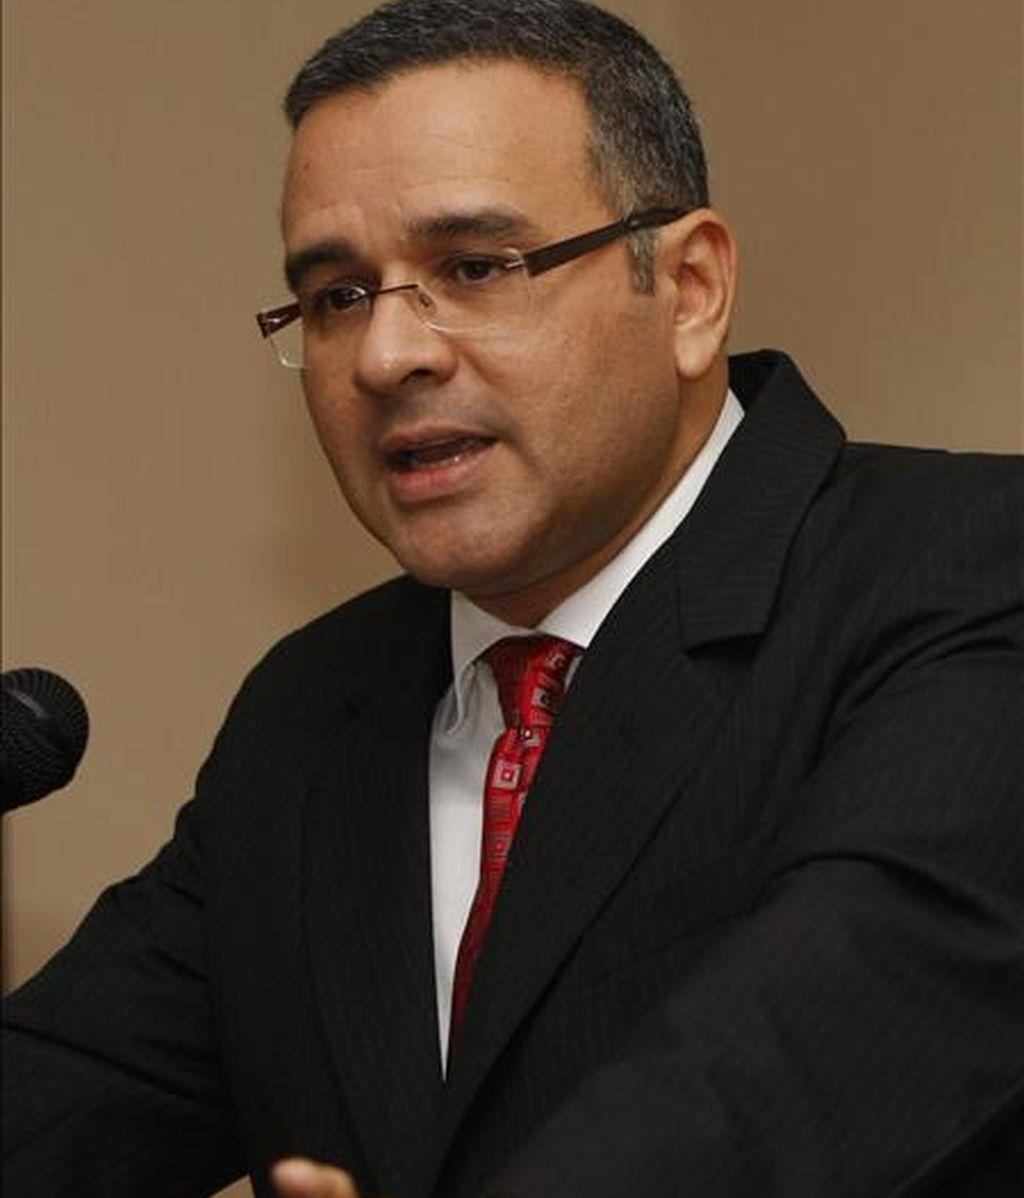 Funes se convertirá desde este 1 de junio en el primer presidente de izquierda en El Salvador, donde los últimos cuatro Gobiernos fueron de la Alianza Republicana Nacionalista (ARENA, derecha). EFE/Archivo